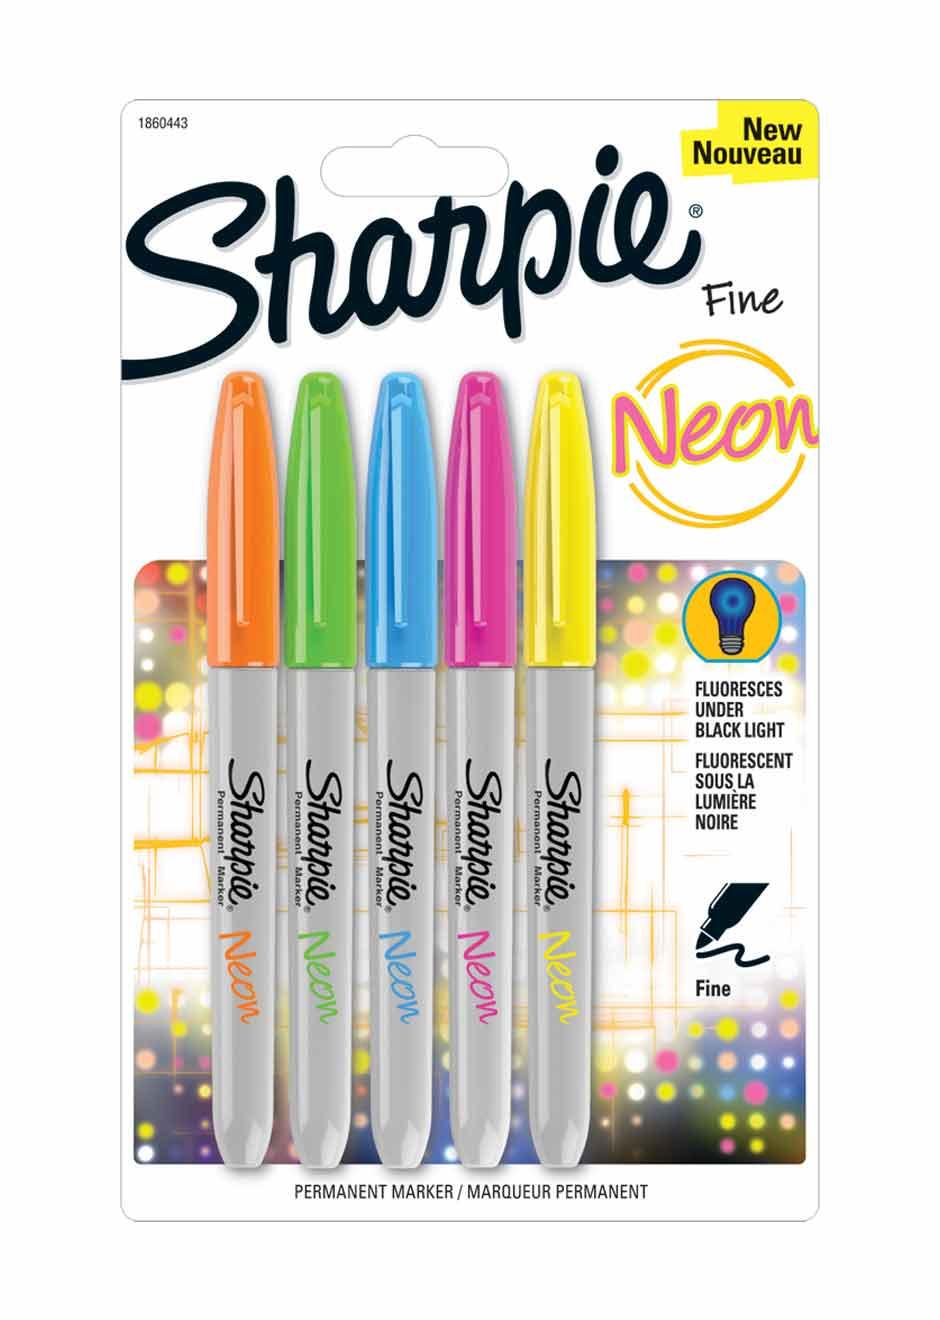 sharpie-neon-color-set-5